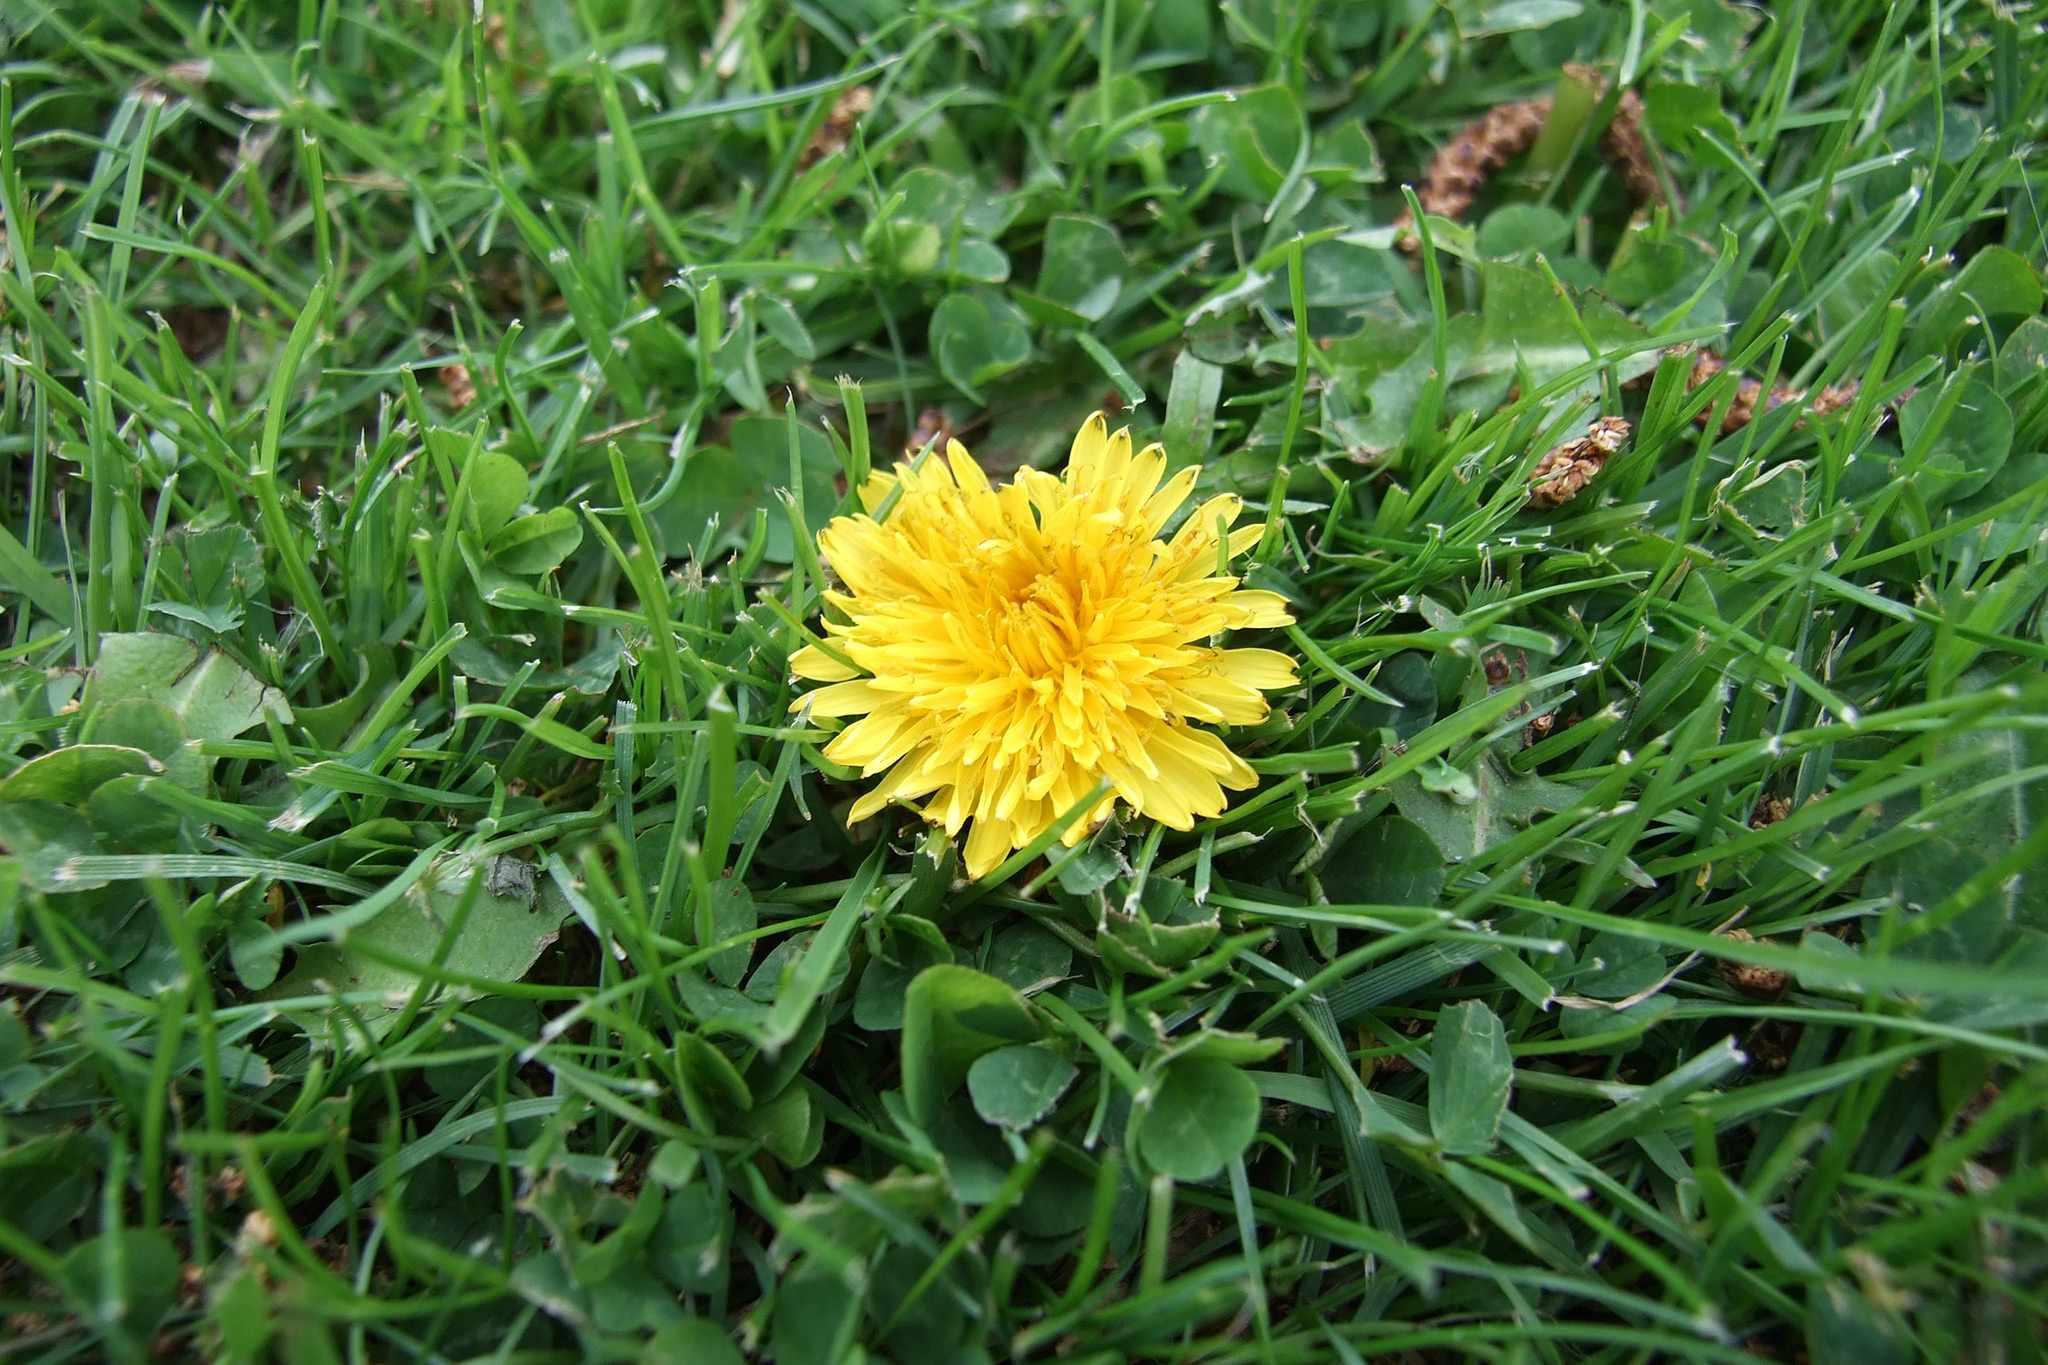 A yellow dandelion flower in a lawn